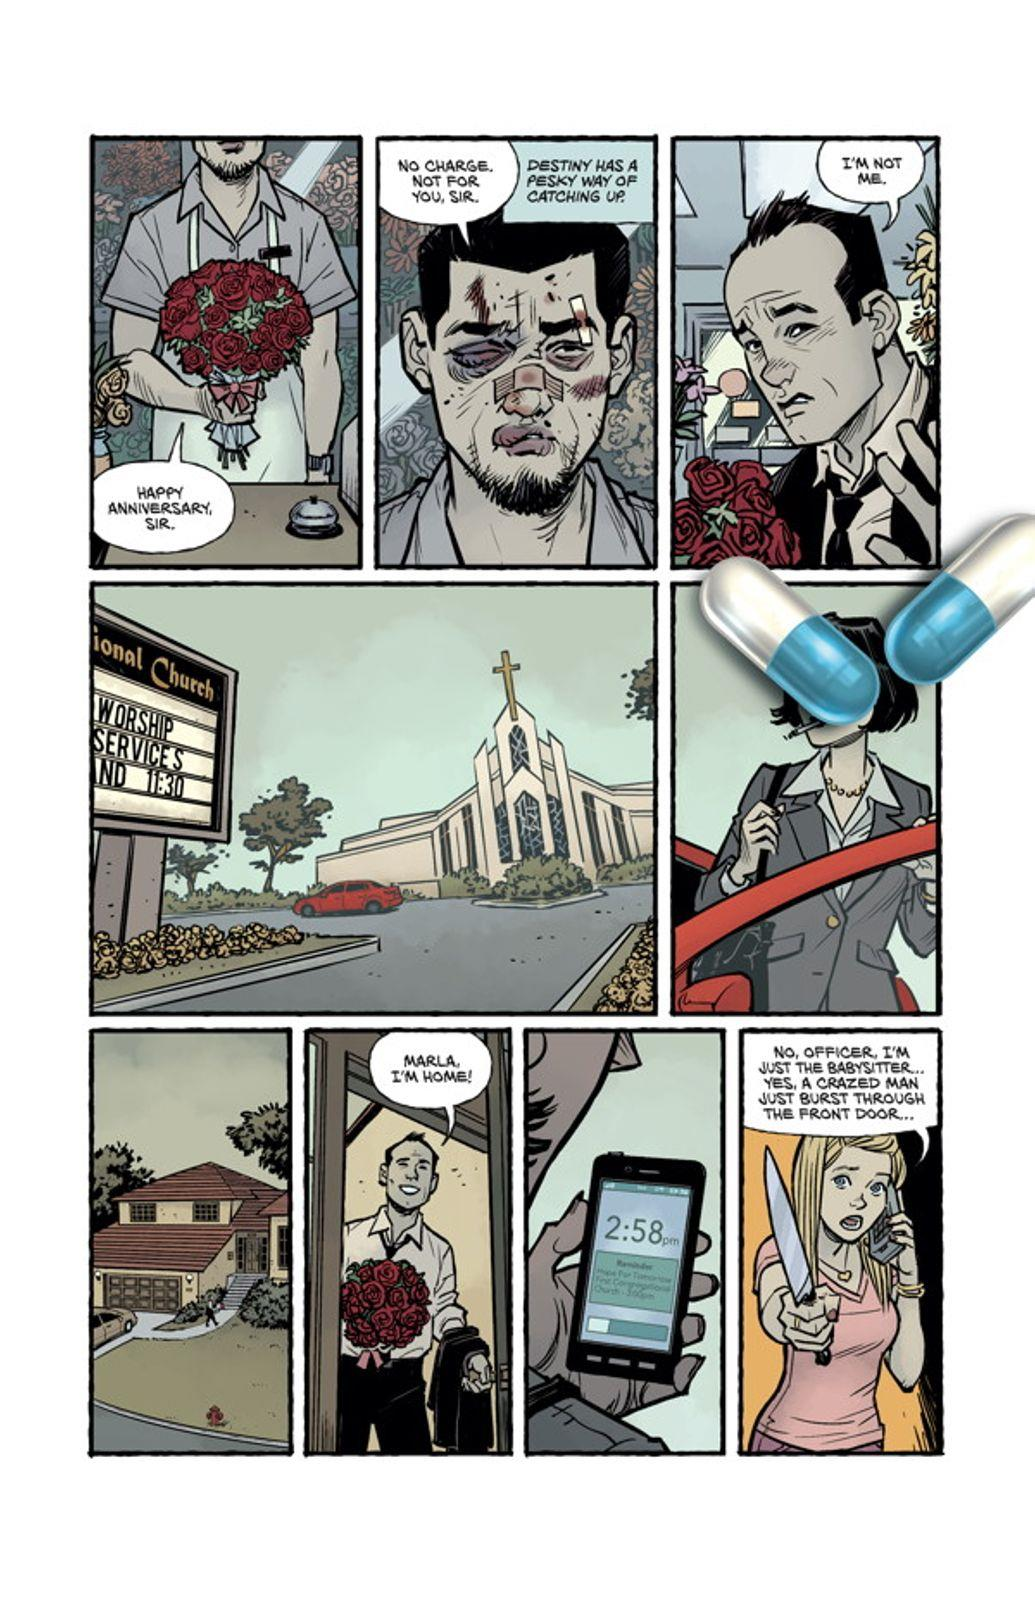 Immagini di anteprima del fumetto Fight Club 2